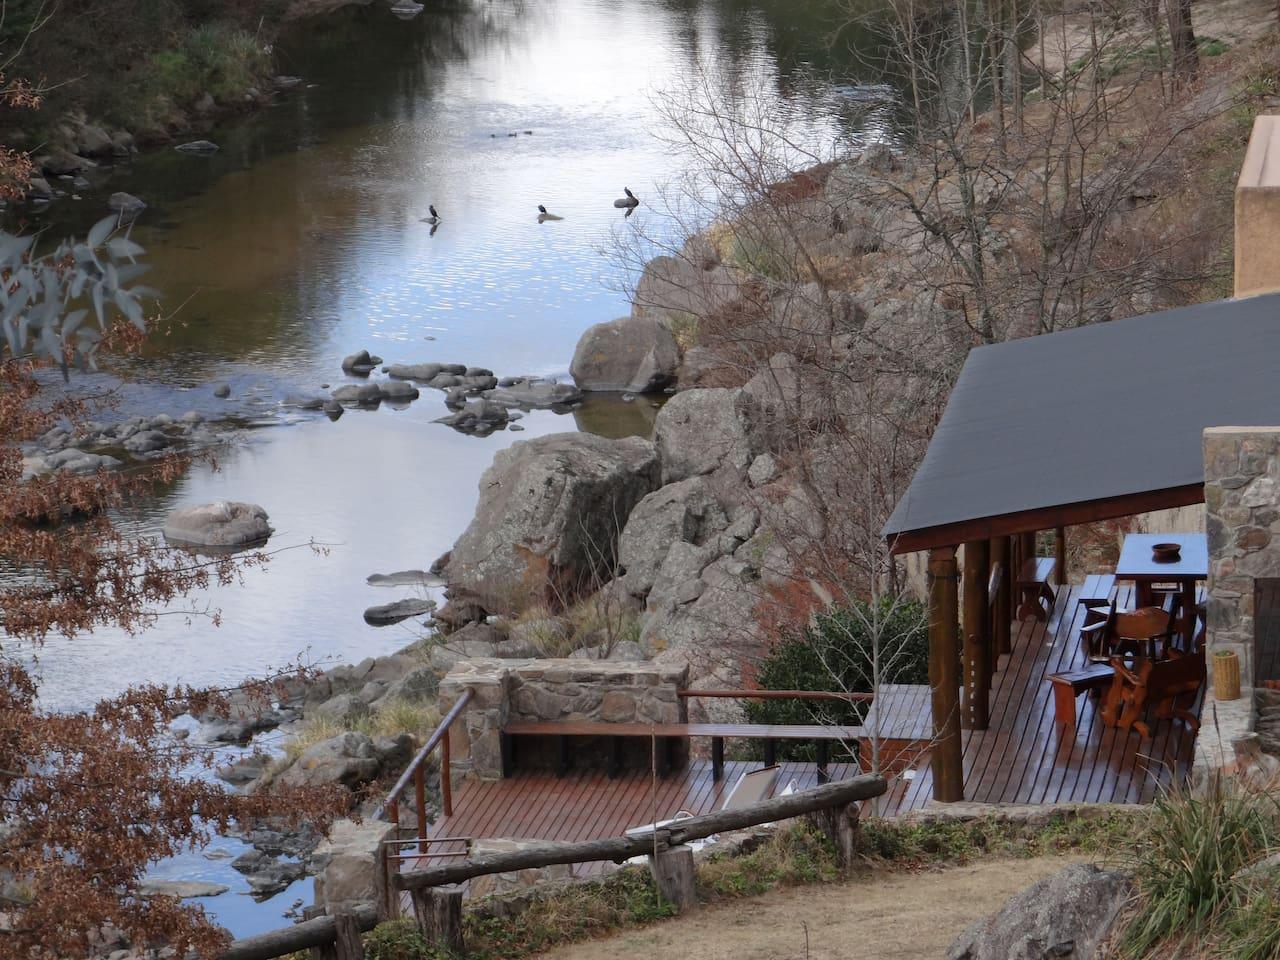 Casa de campo frente al Rio los Reartes en Atos Pampa.